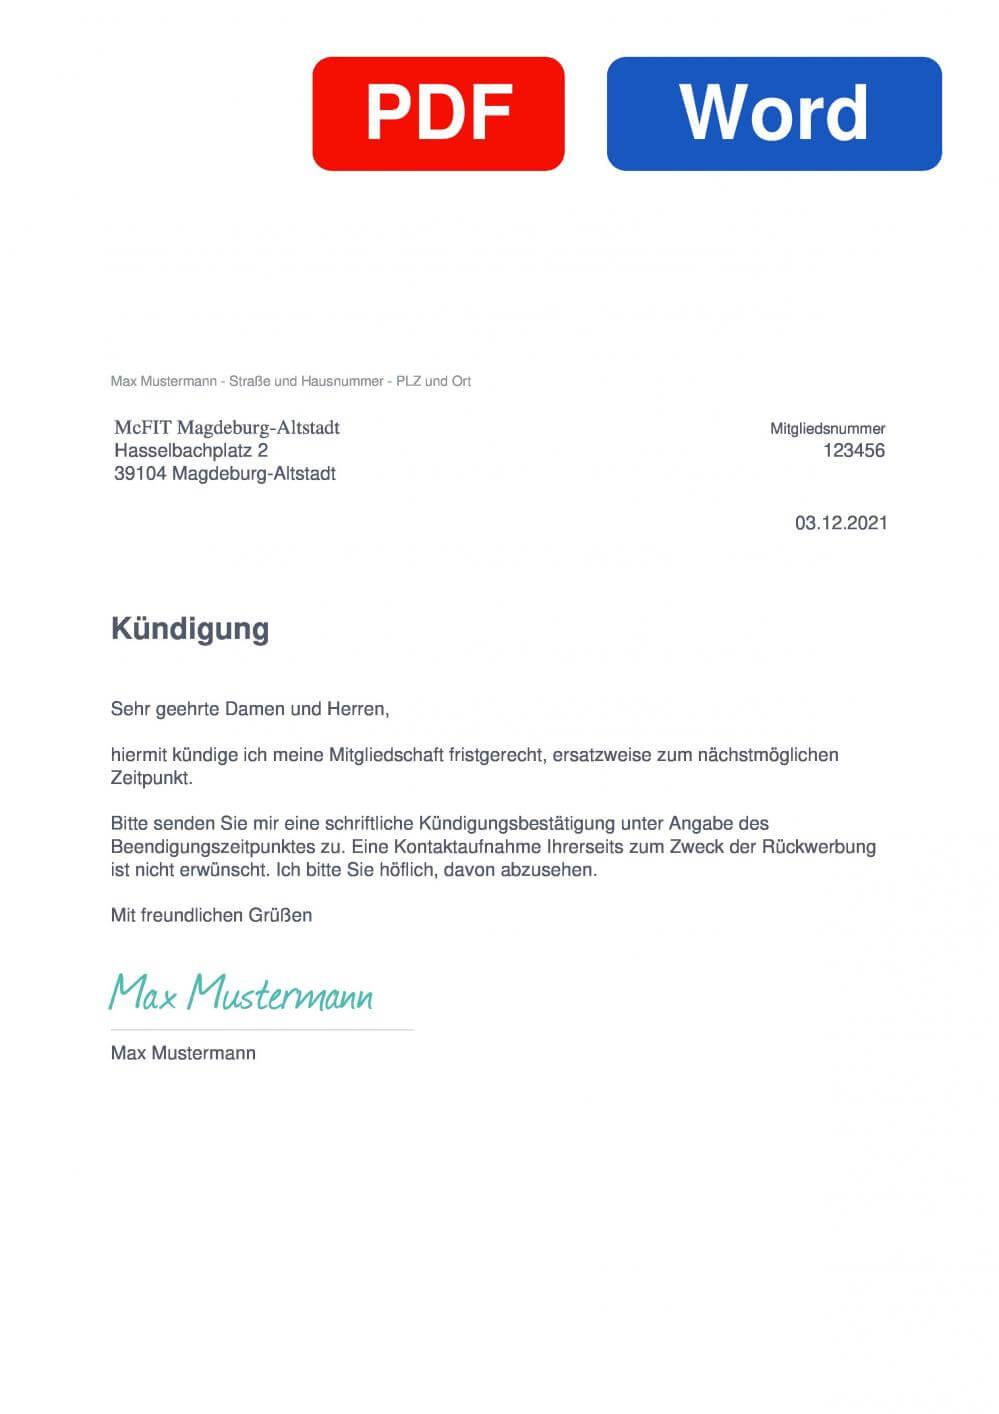 McFIT Magdeburg-Altstadt Muster Vorlage für Kündigungsschreiben